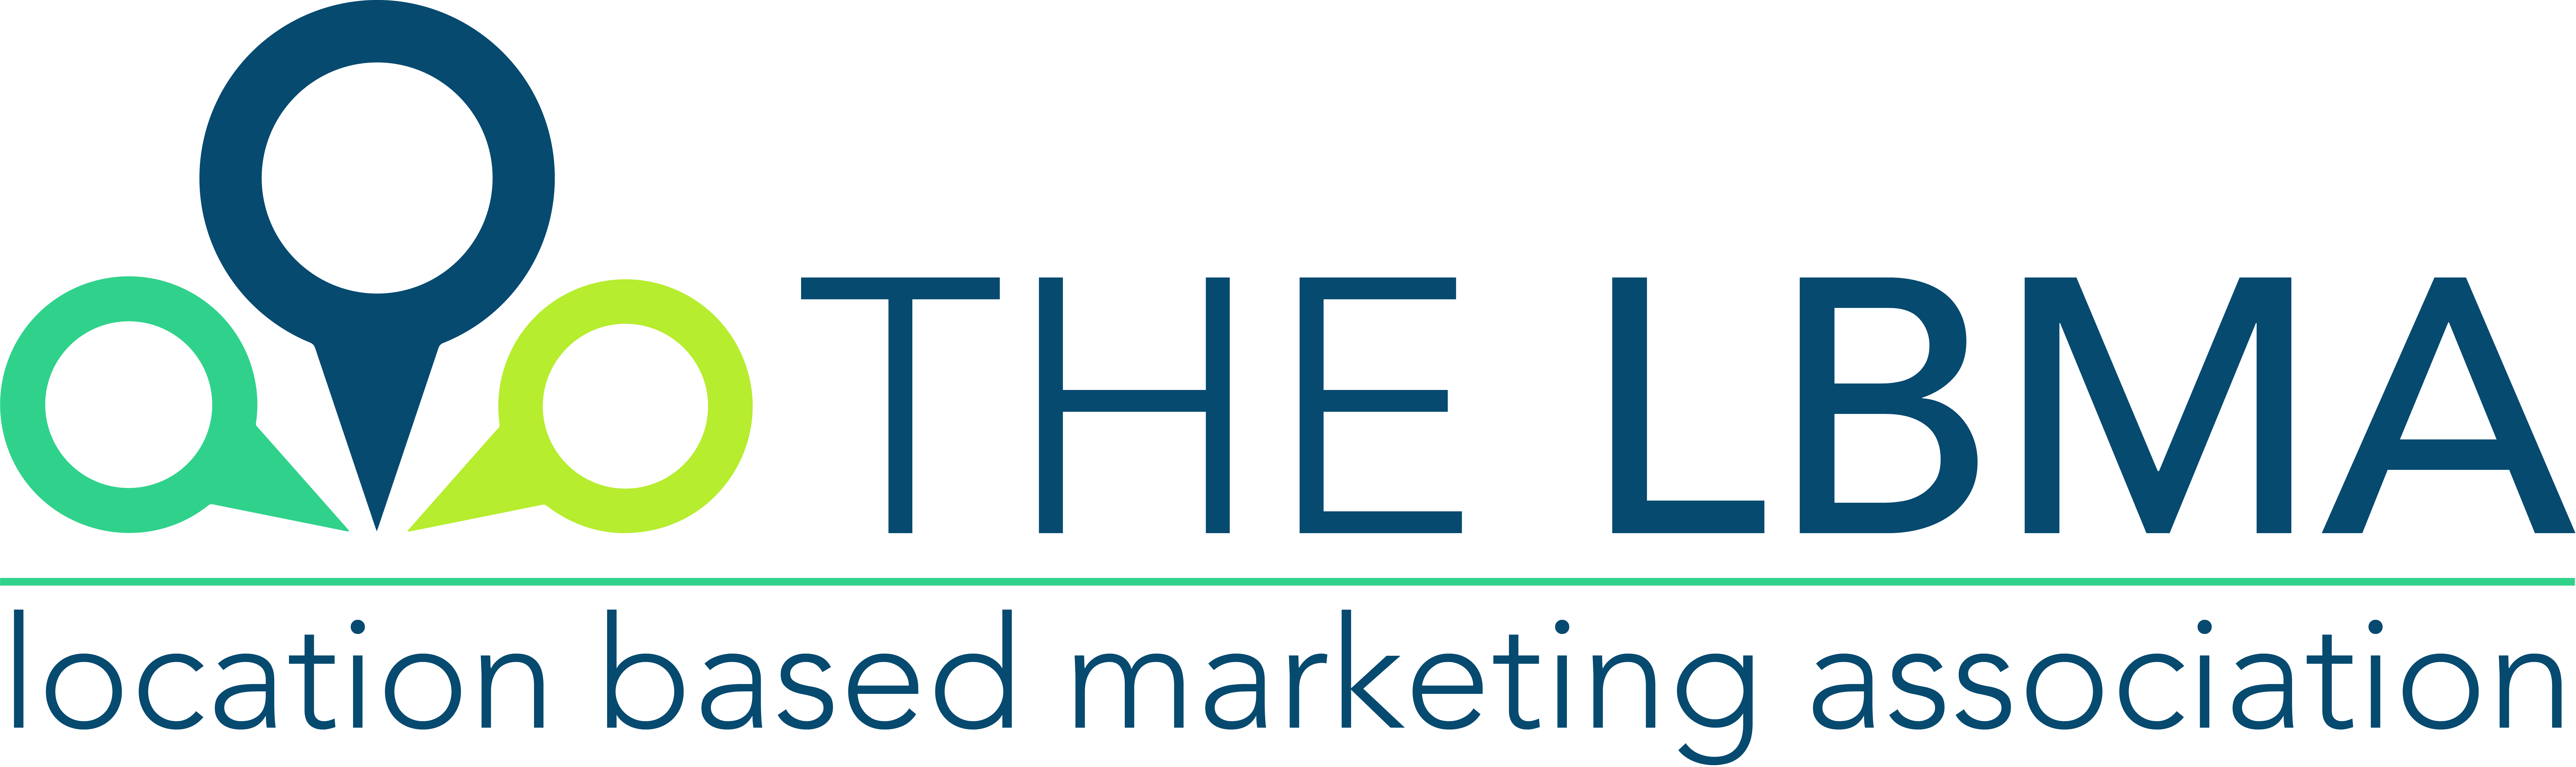 スイッチスマイル:位置情報活用事業者のマーケティング事業者団体「一般社団法人LBMA Japan」に加盟